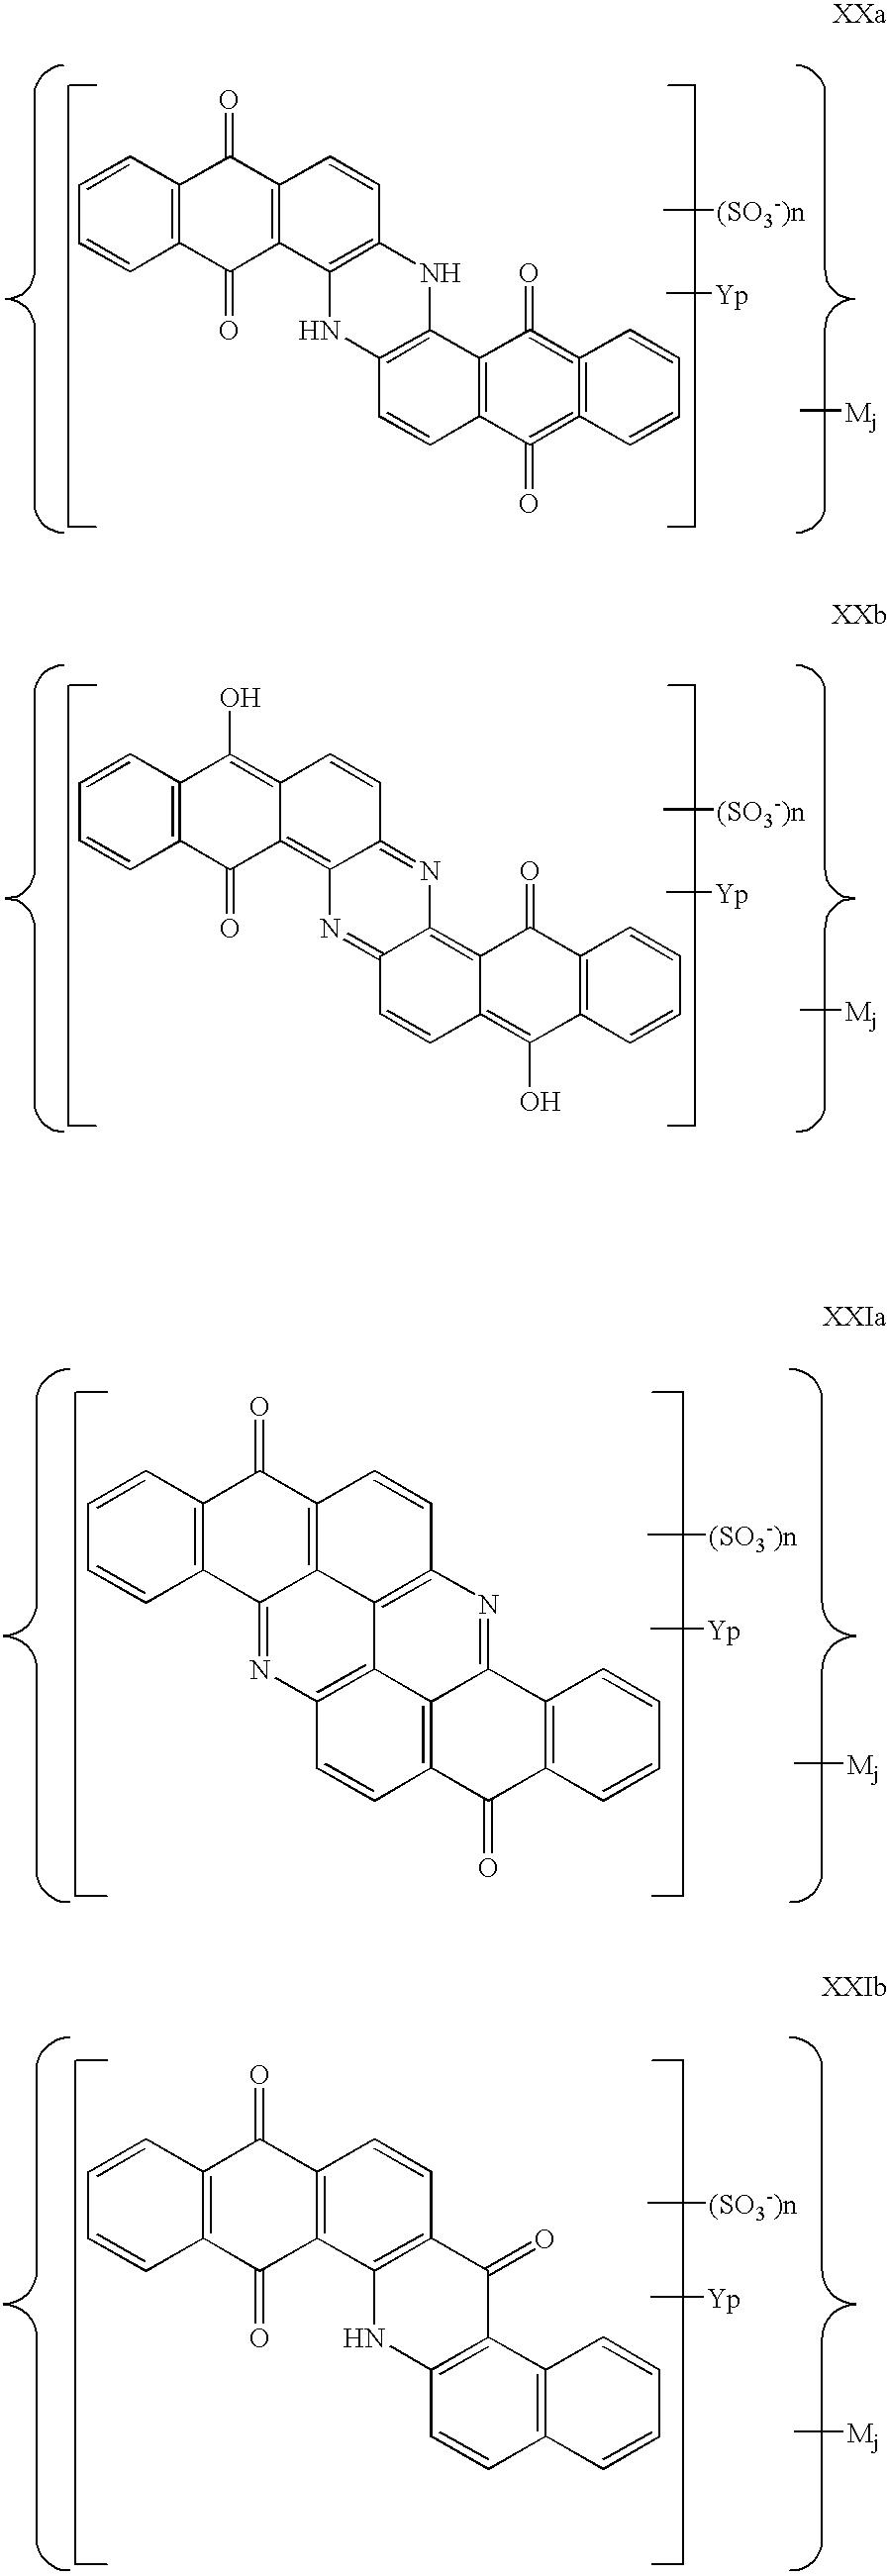 Figure US20050104027A1-20050519-C00111